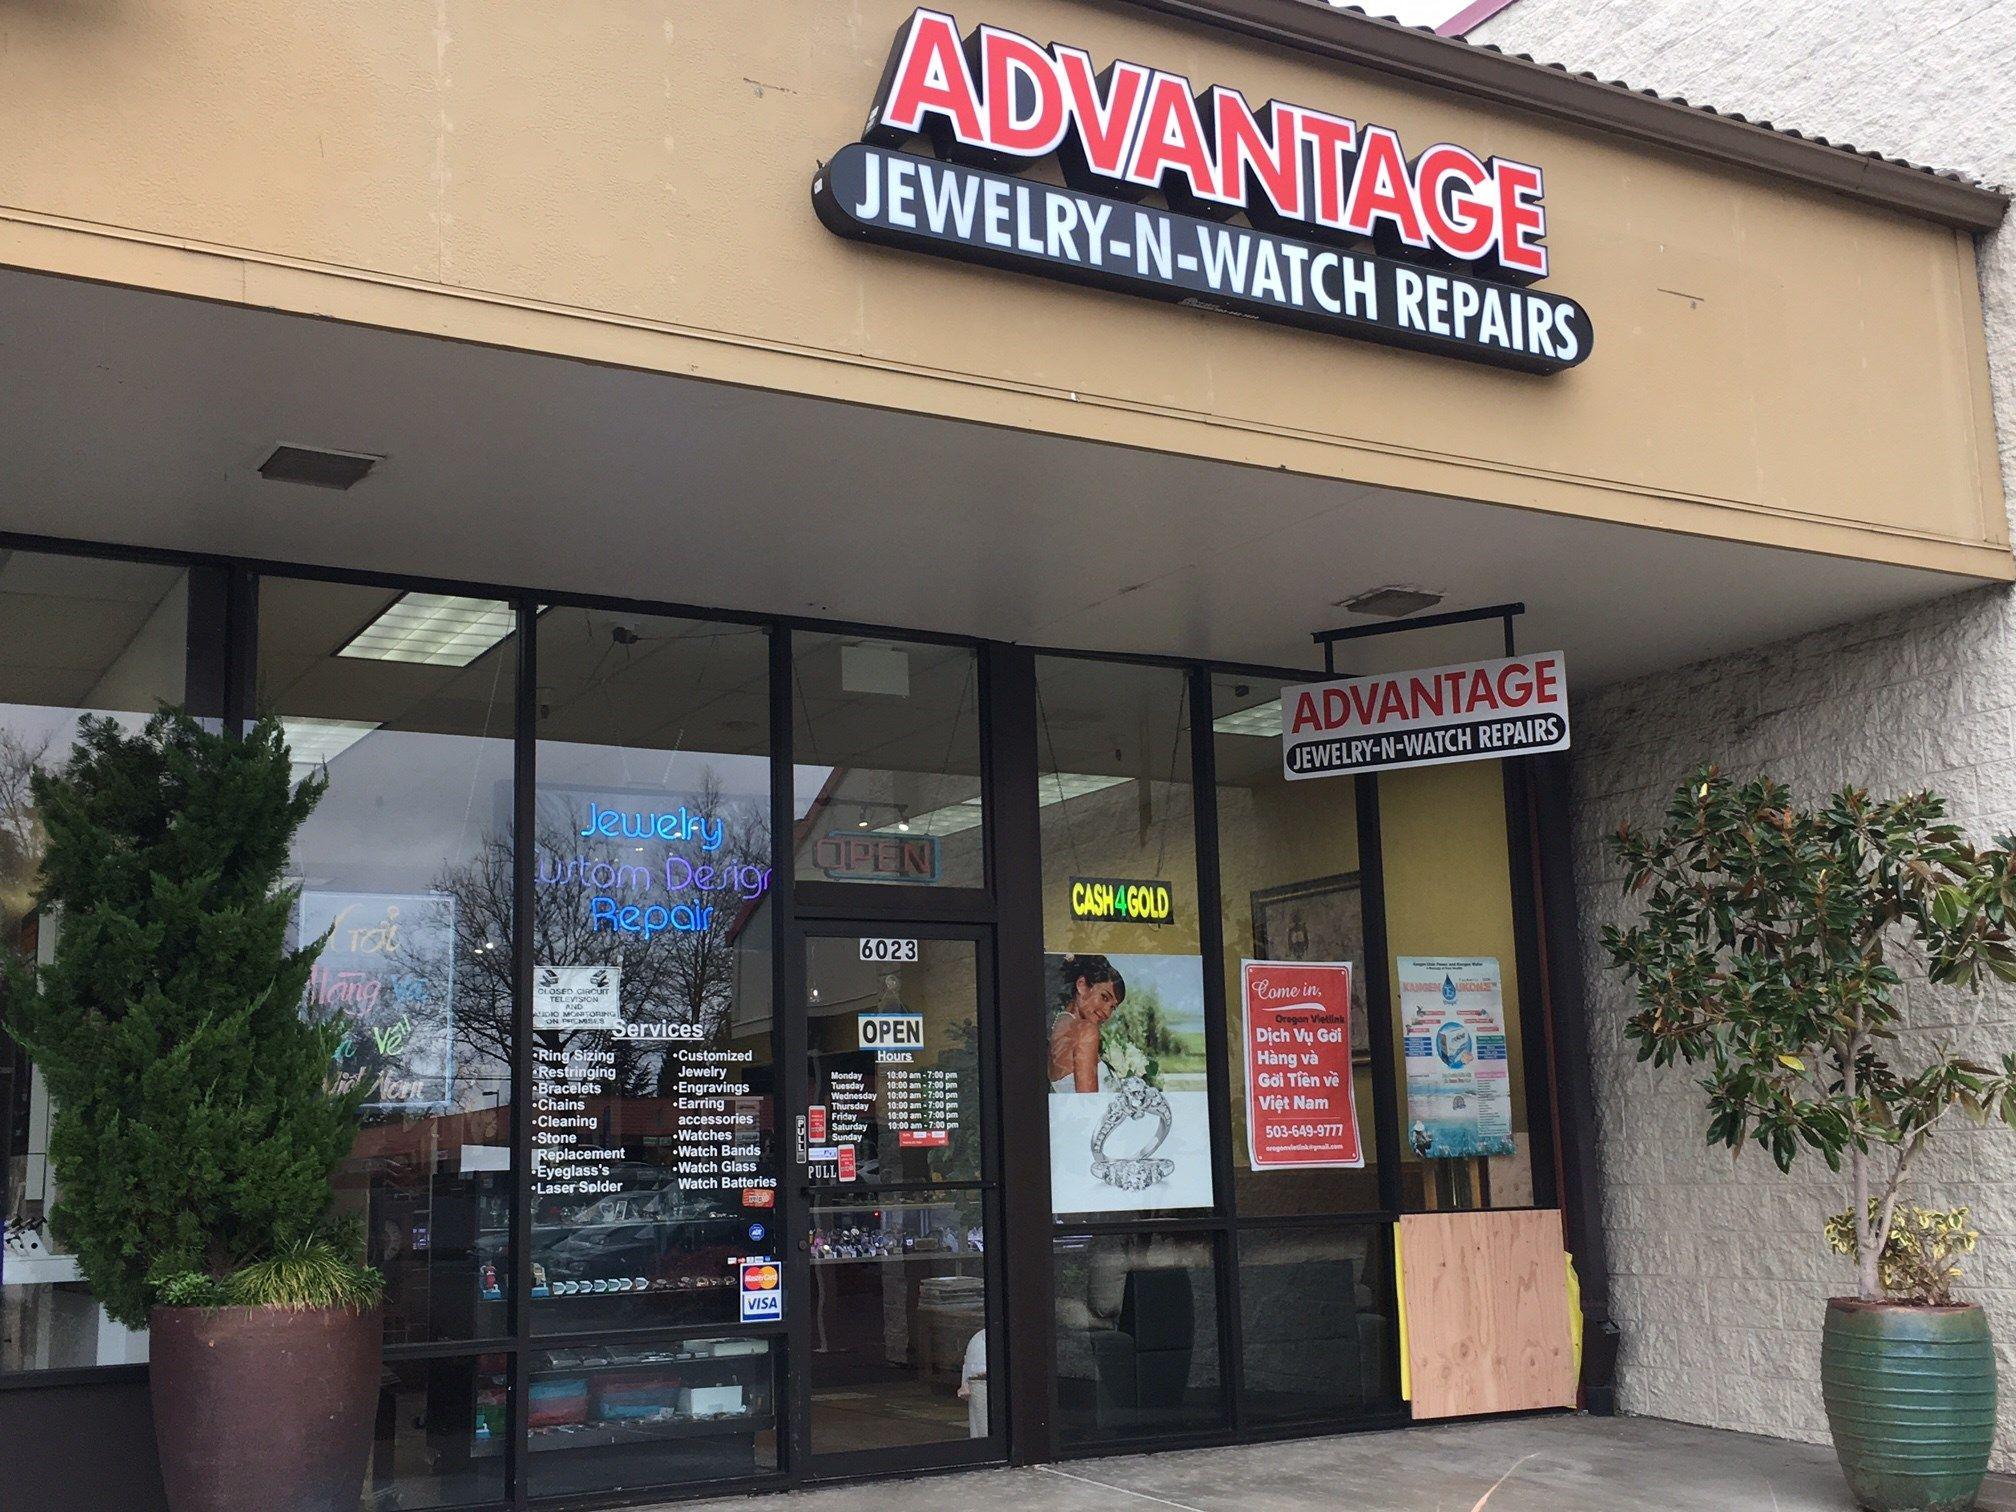 Tiệm của gia đình Việt ở Oregon bị trộm $25,000 đồng hồ và trang sức trong 3 phút